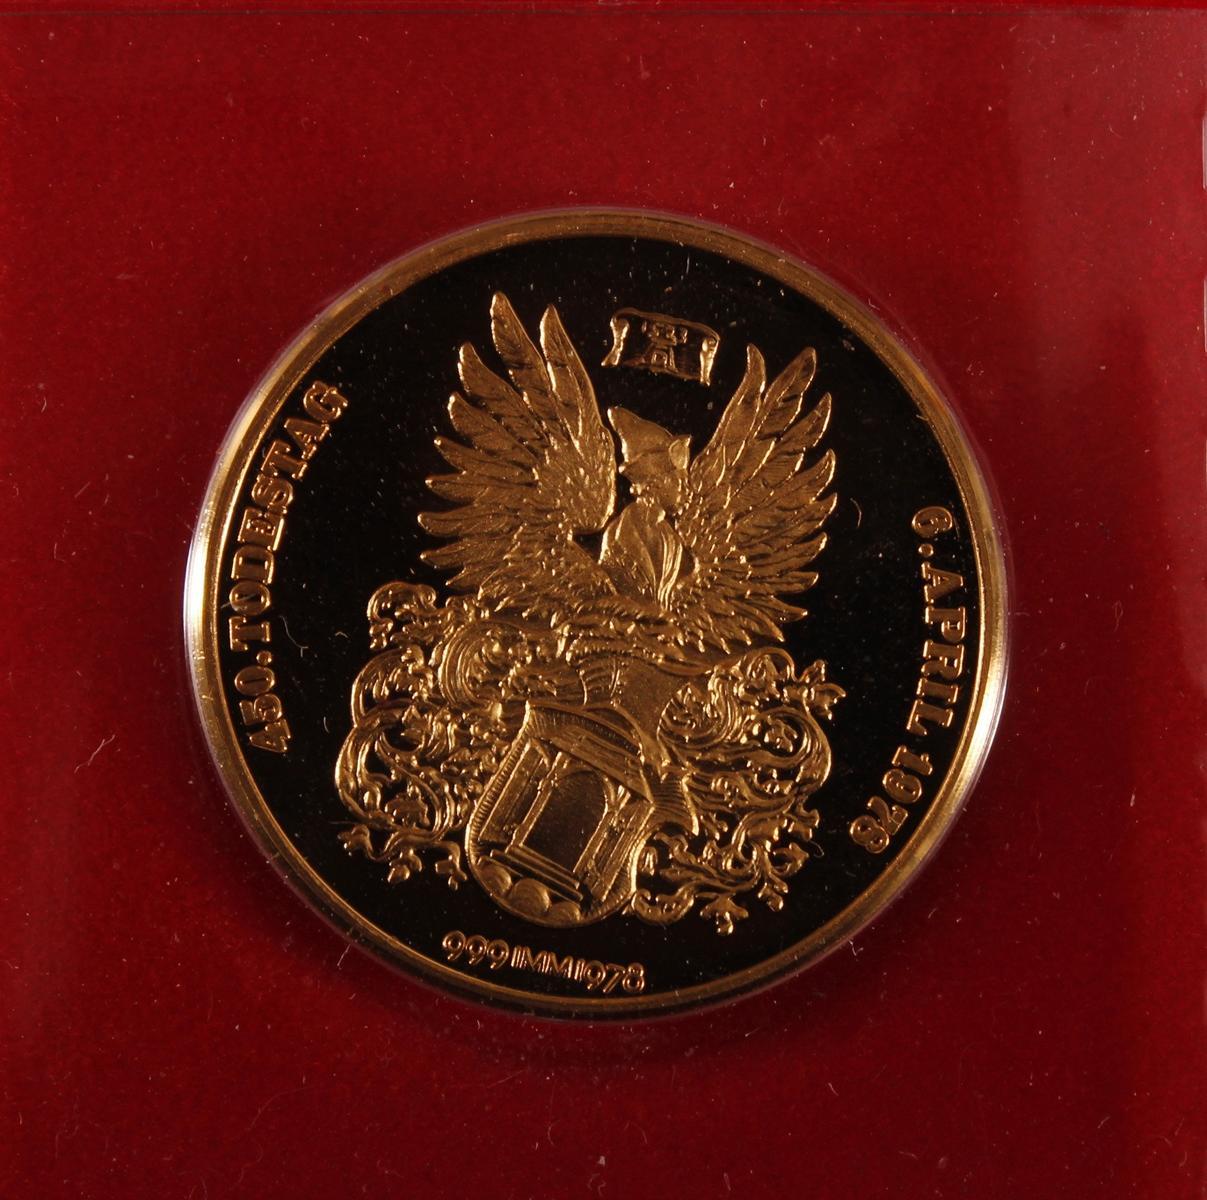 Goldmedaille Albrecht Dürer von 1978-3